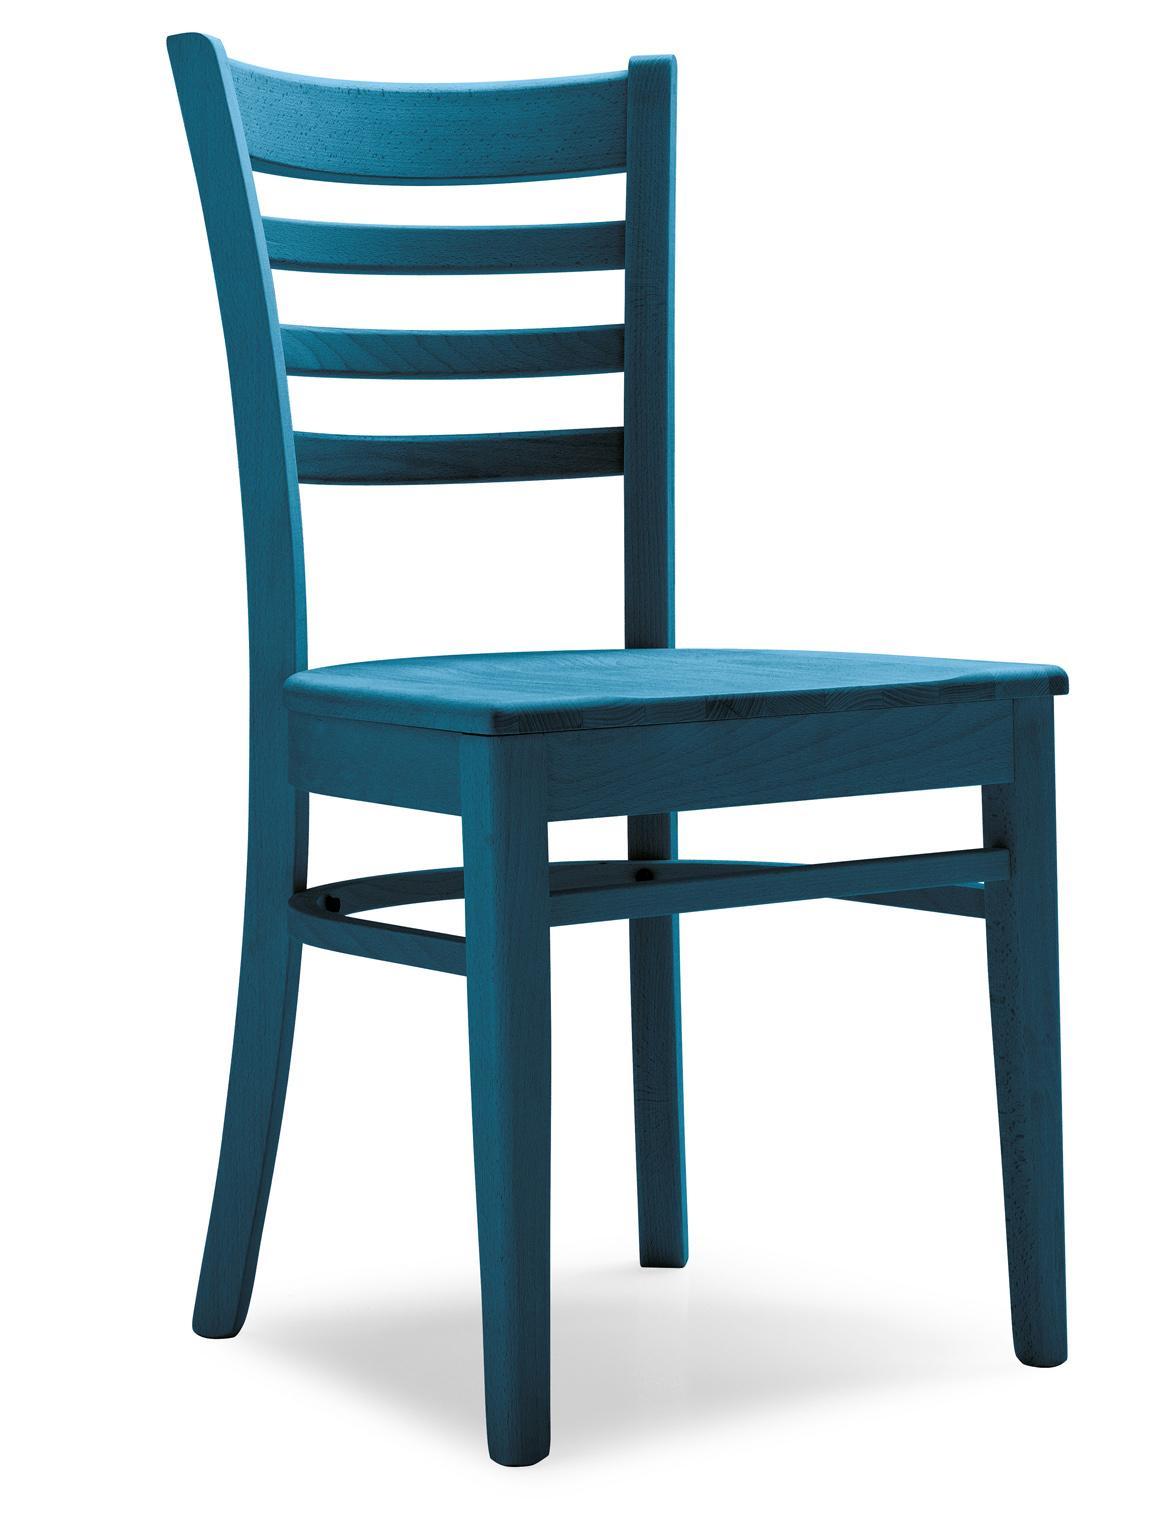 Sedie da ristoranti design 4 0 100000 0 pezzi for Sedie in offerta